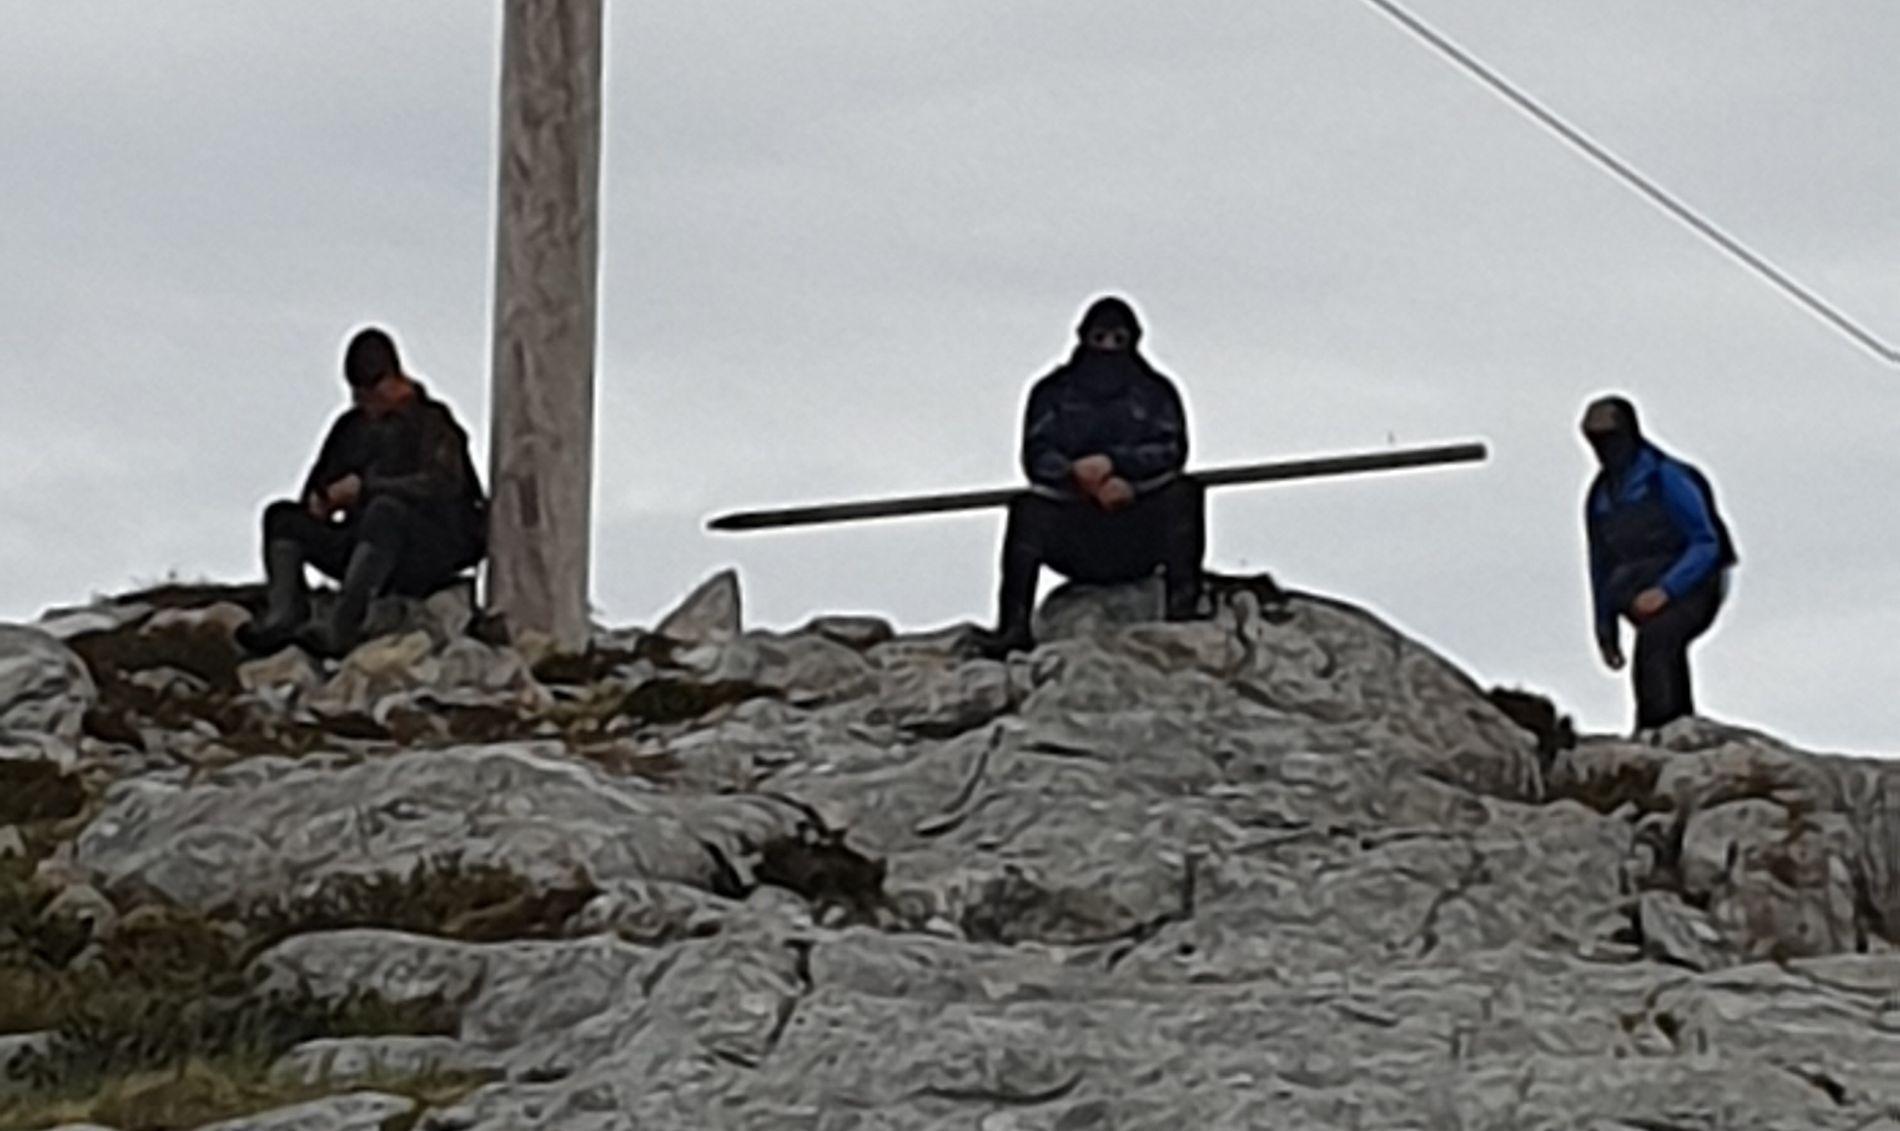 SKJEDD TIDLIGERE: Hendelsen forrige helg er ikke et engangstilfelle, ifølge Trønderenergi. Dette bildet ble tatt 19. juni inne på anlegget.